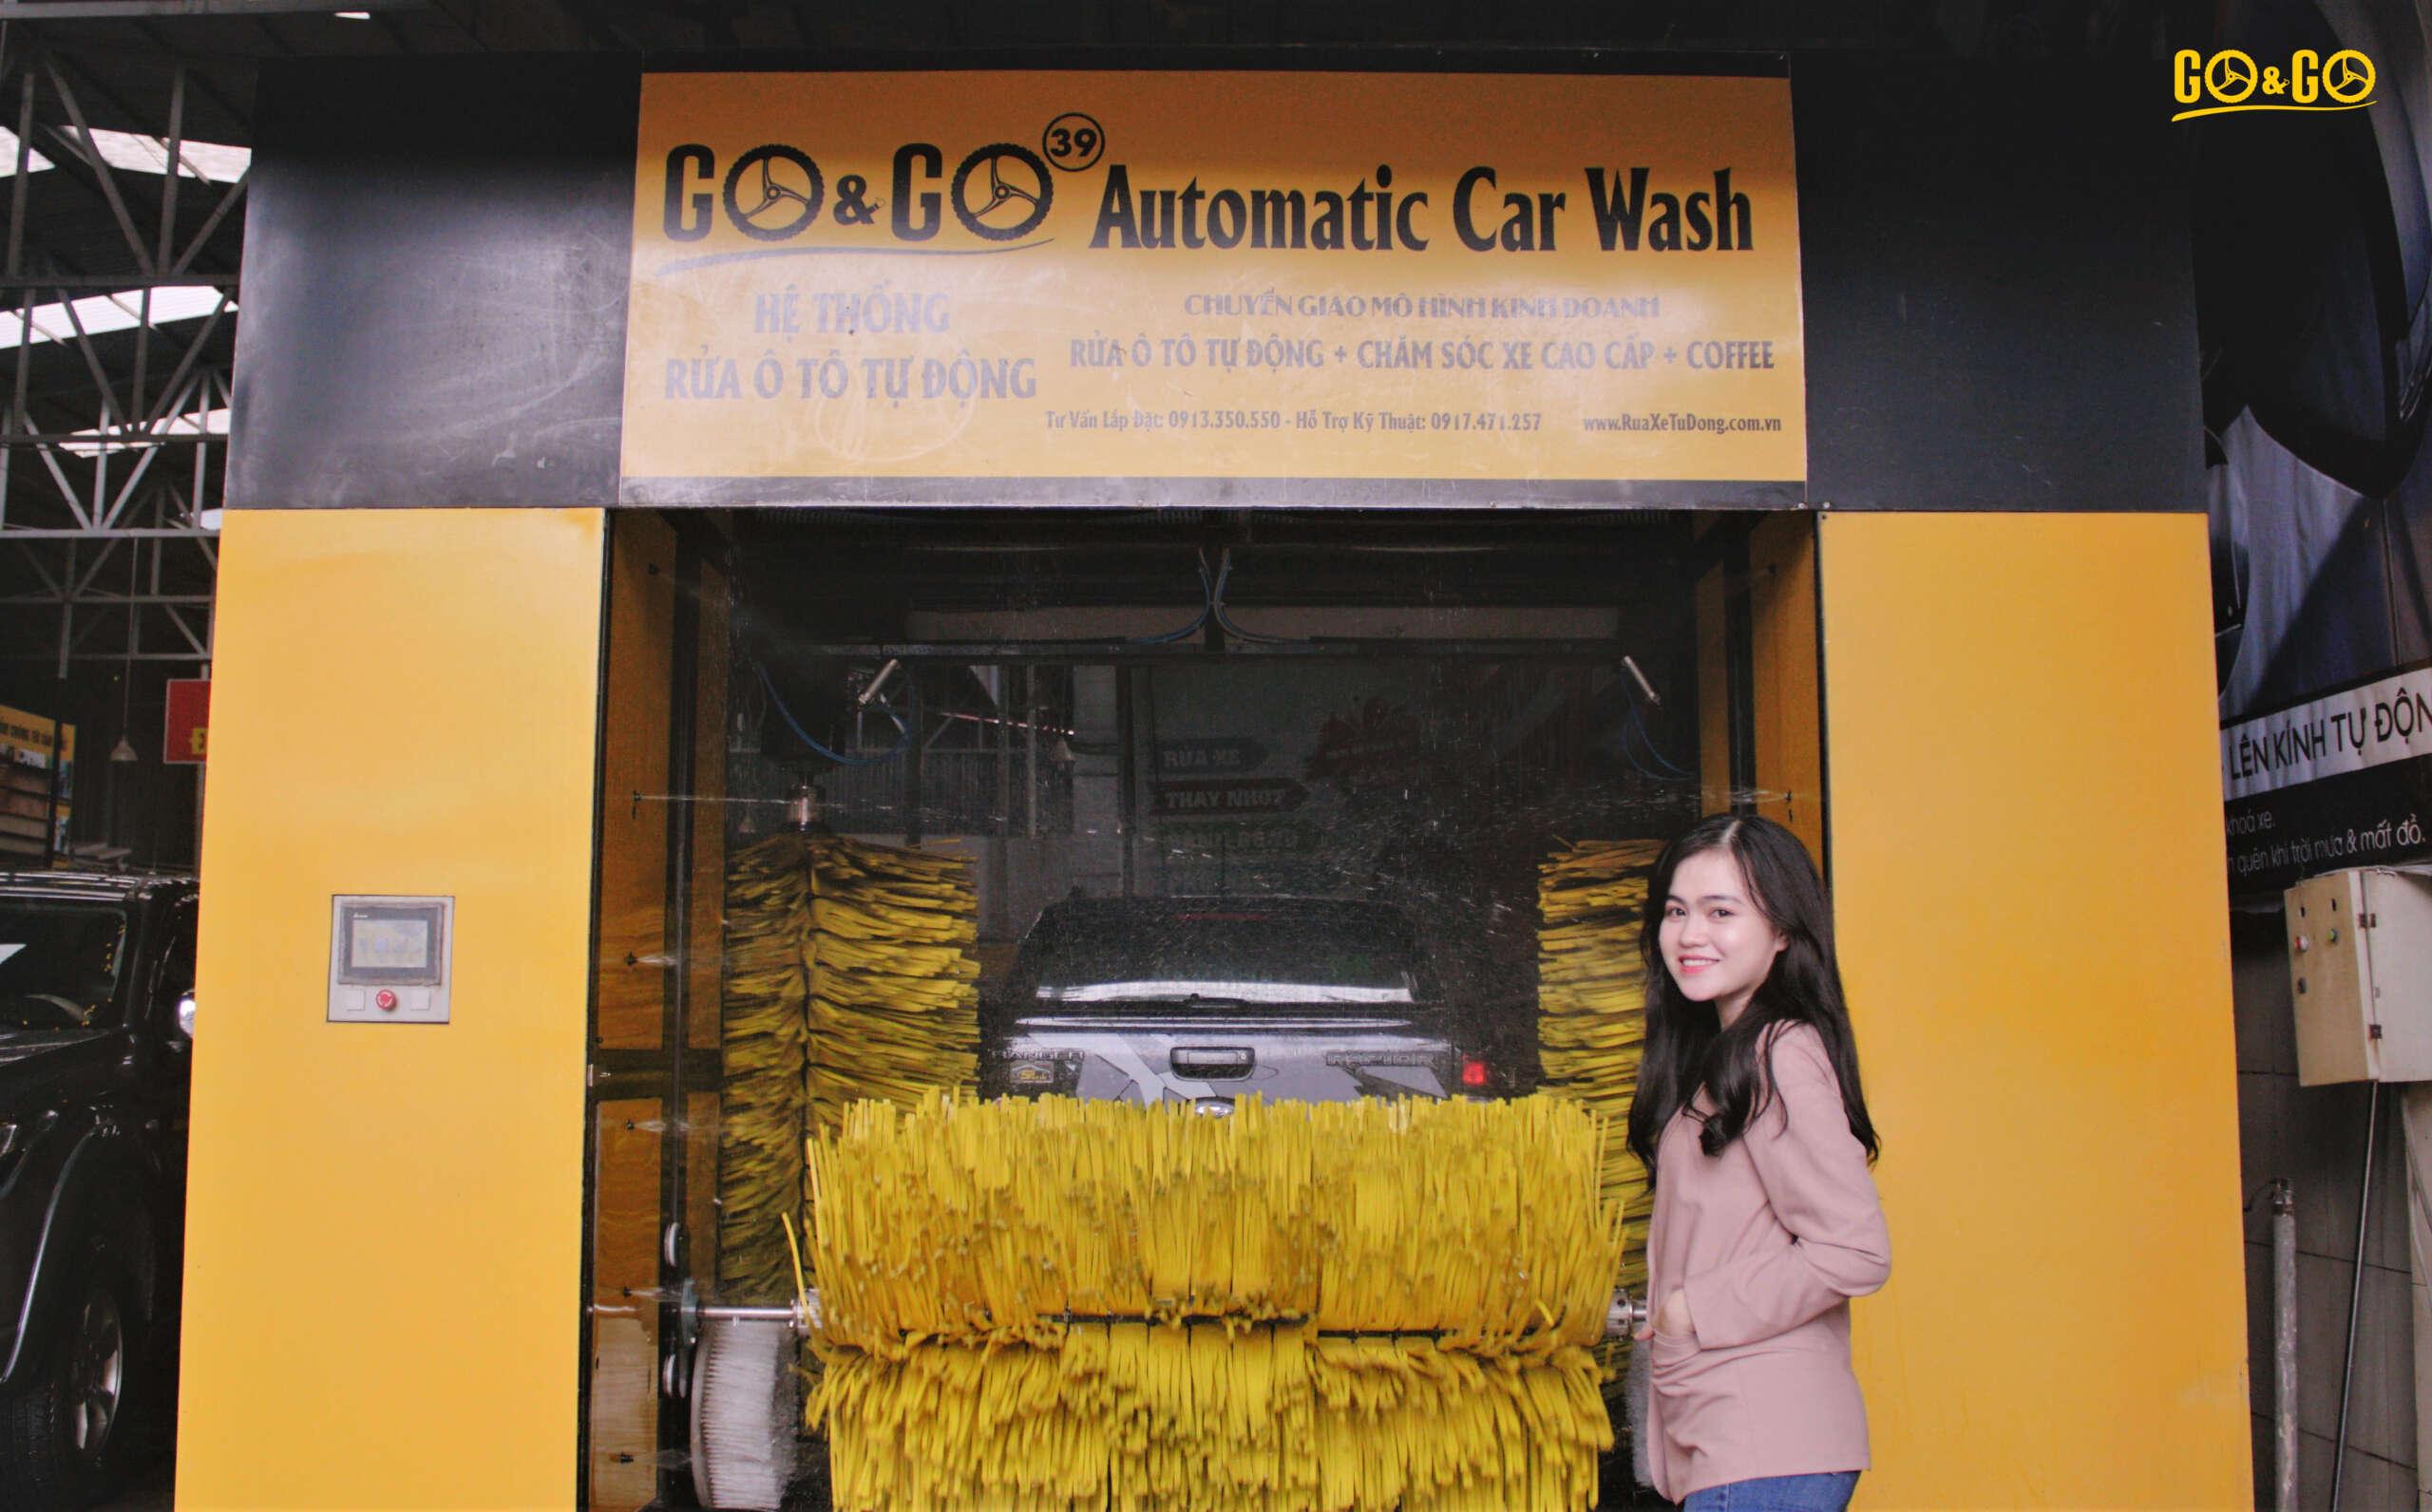 Hệ thống rửa xe ô tô hiện đại của GO&GO